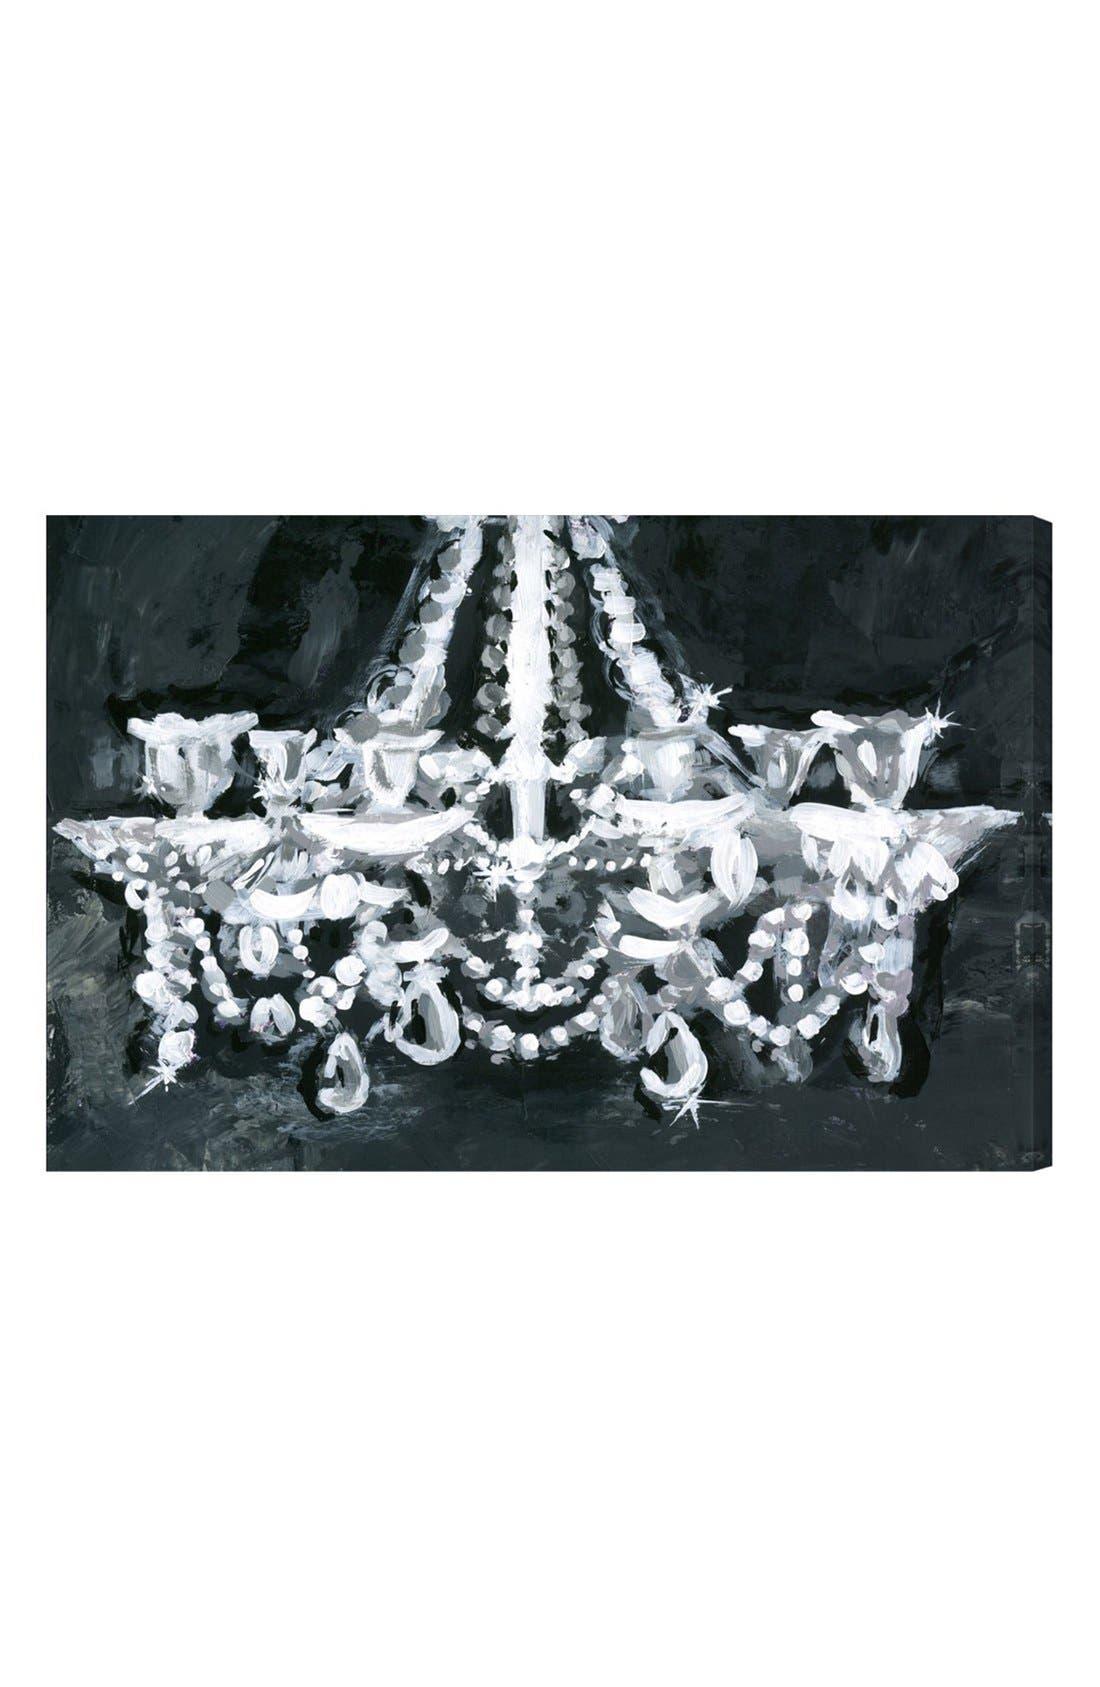 Alternate Image 1 Selected - Oliver Gal 'Candelabra' Wall Art